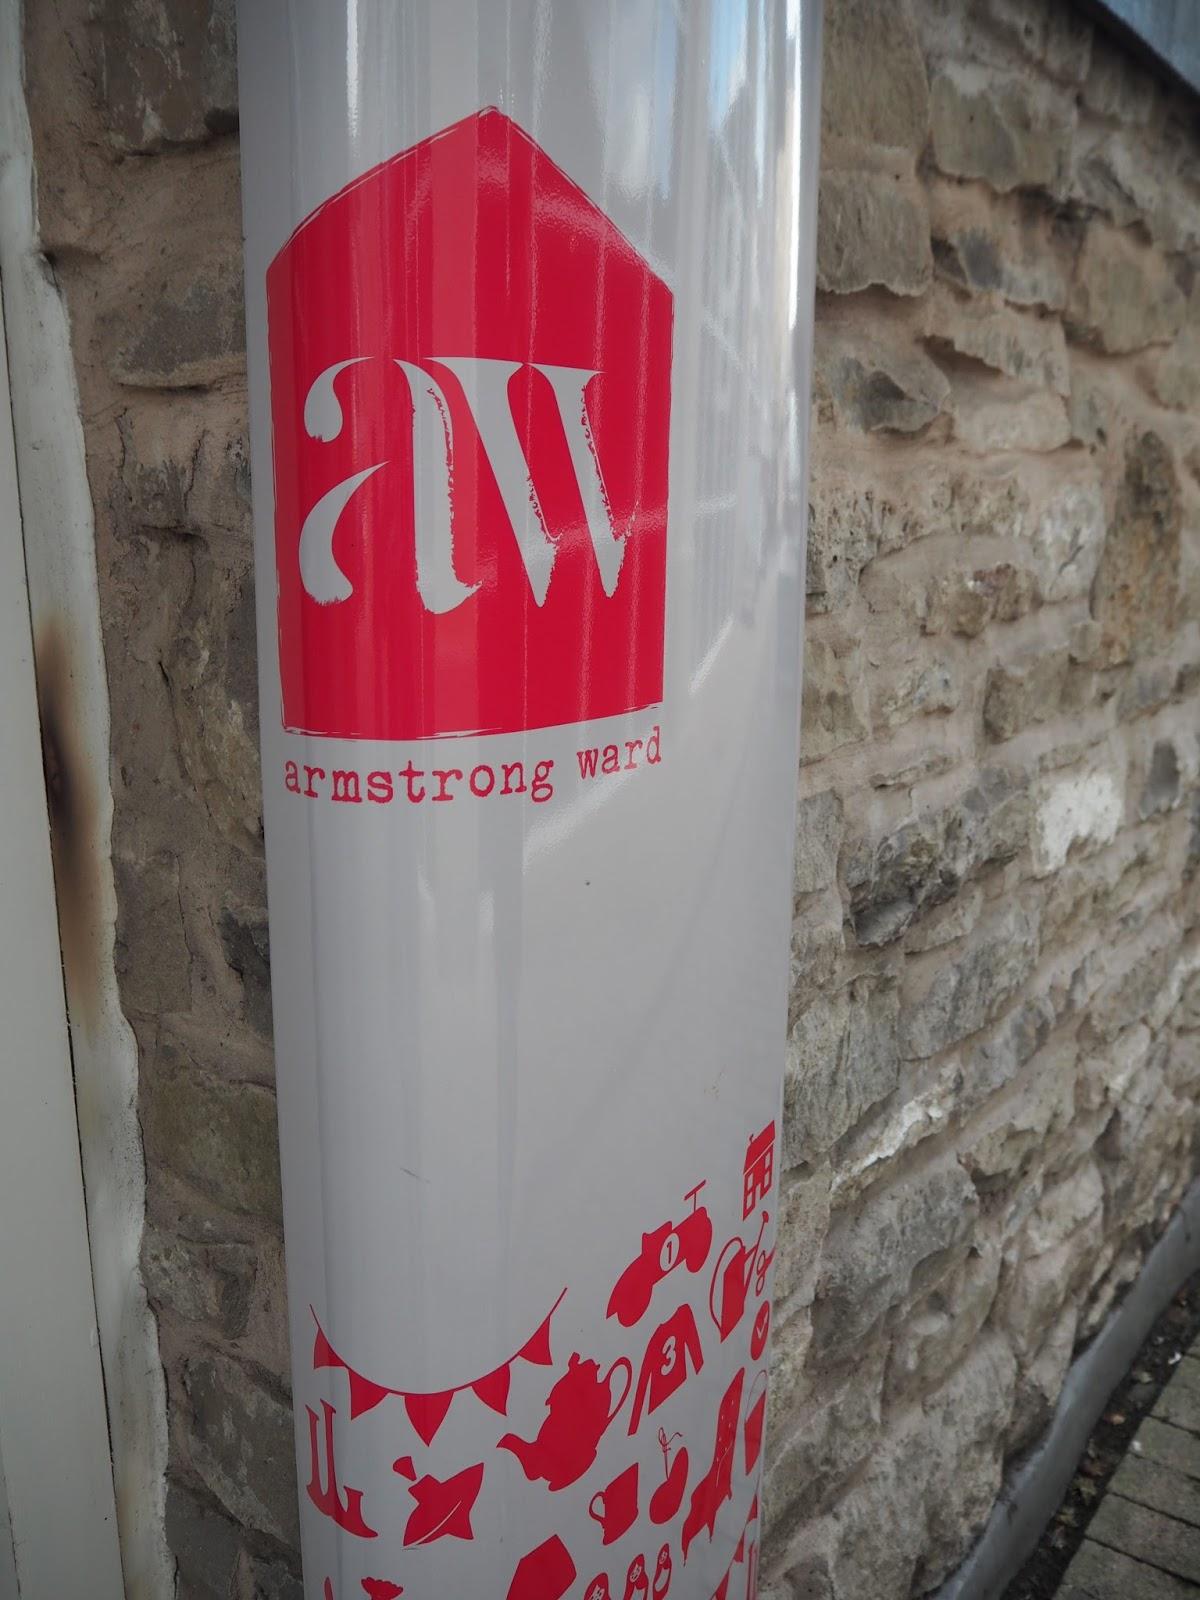 Armstrong Ward, Wainwright's Yard